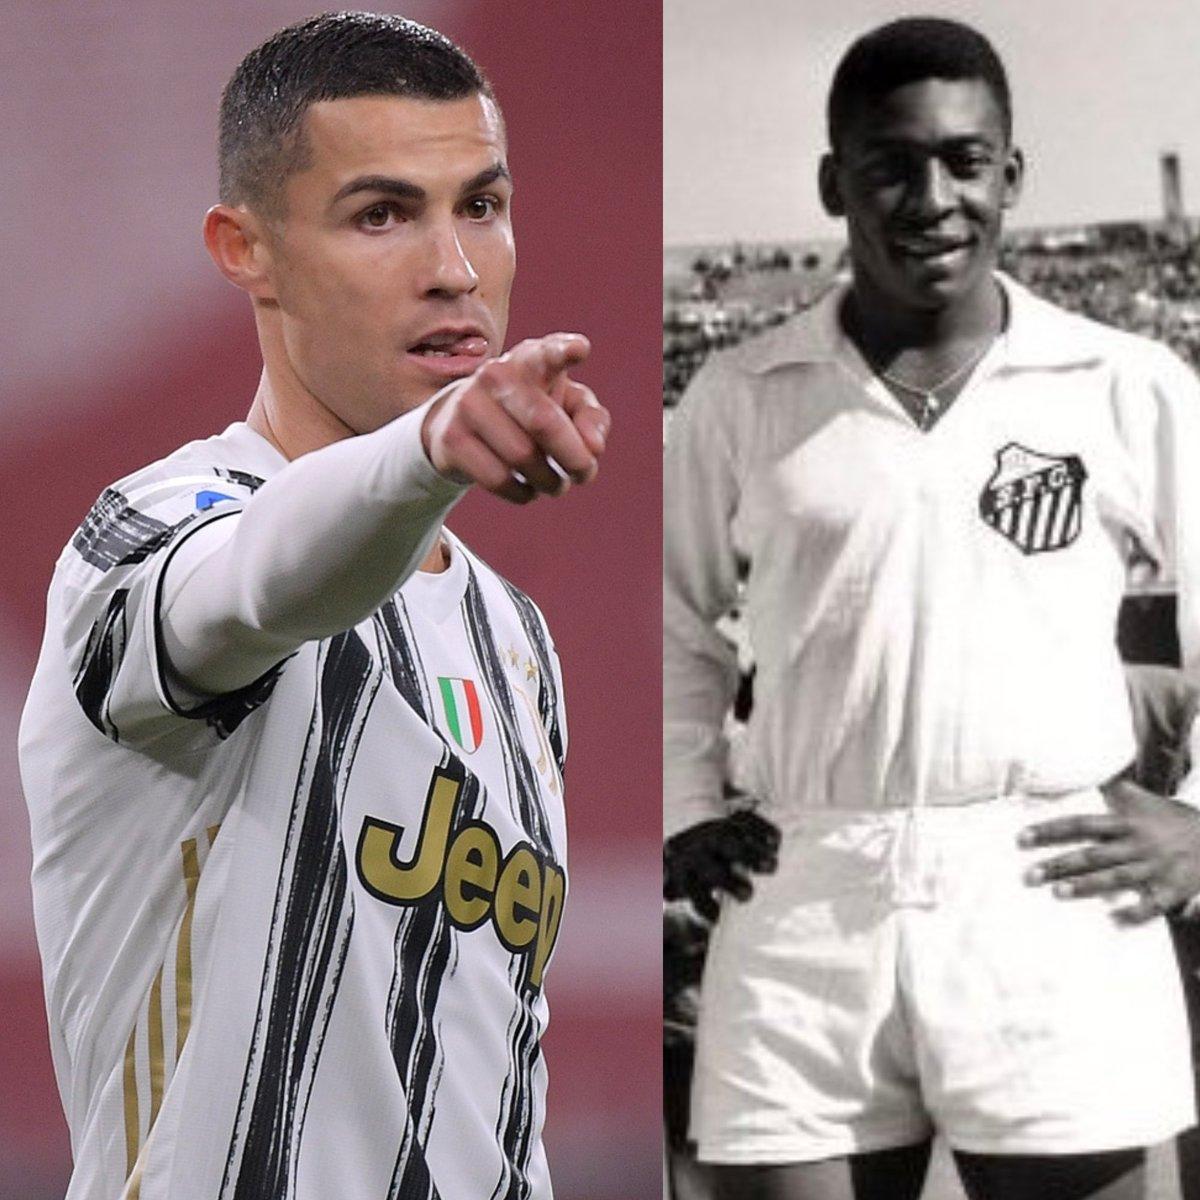 Cristiano Ronaldo quebra o recorde de Pelé: Quantos gols ele marcou na carreira?